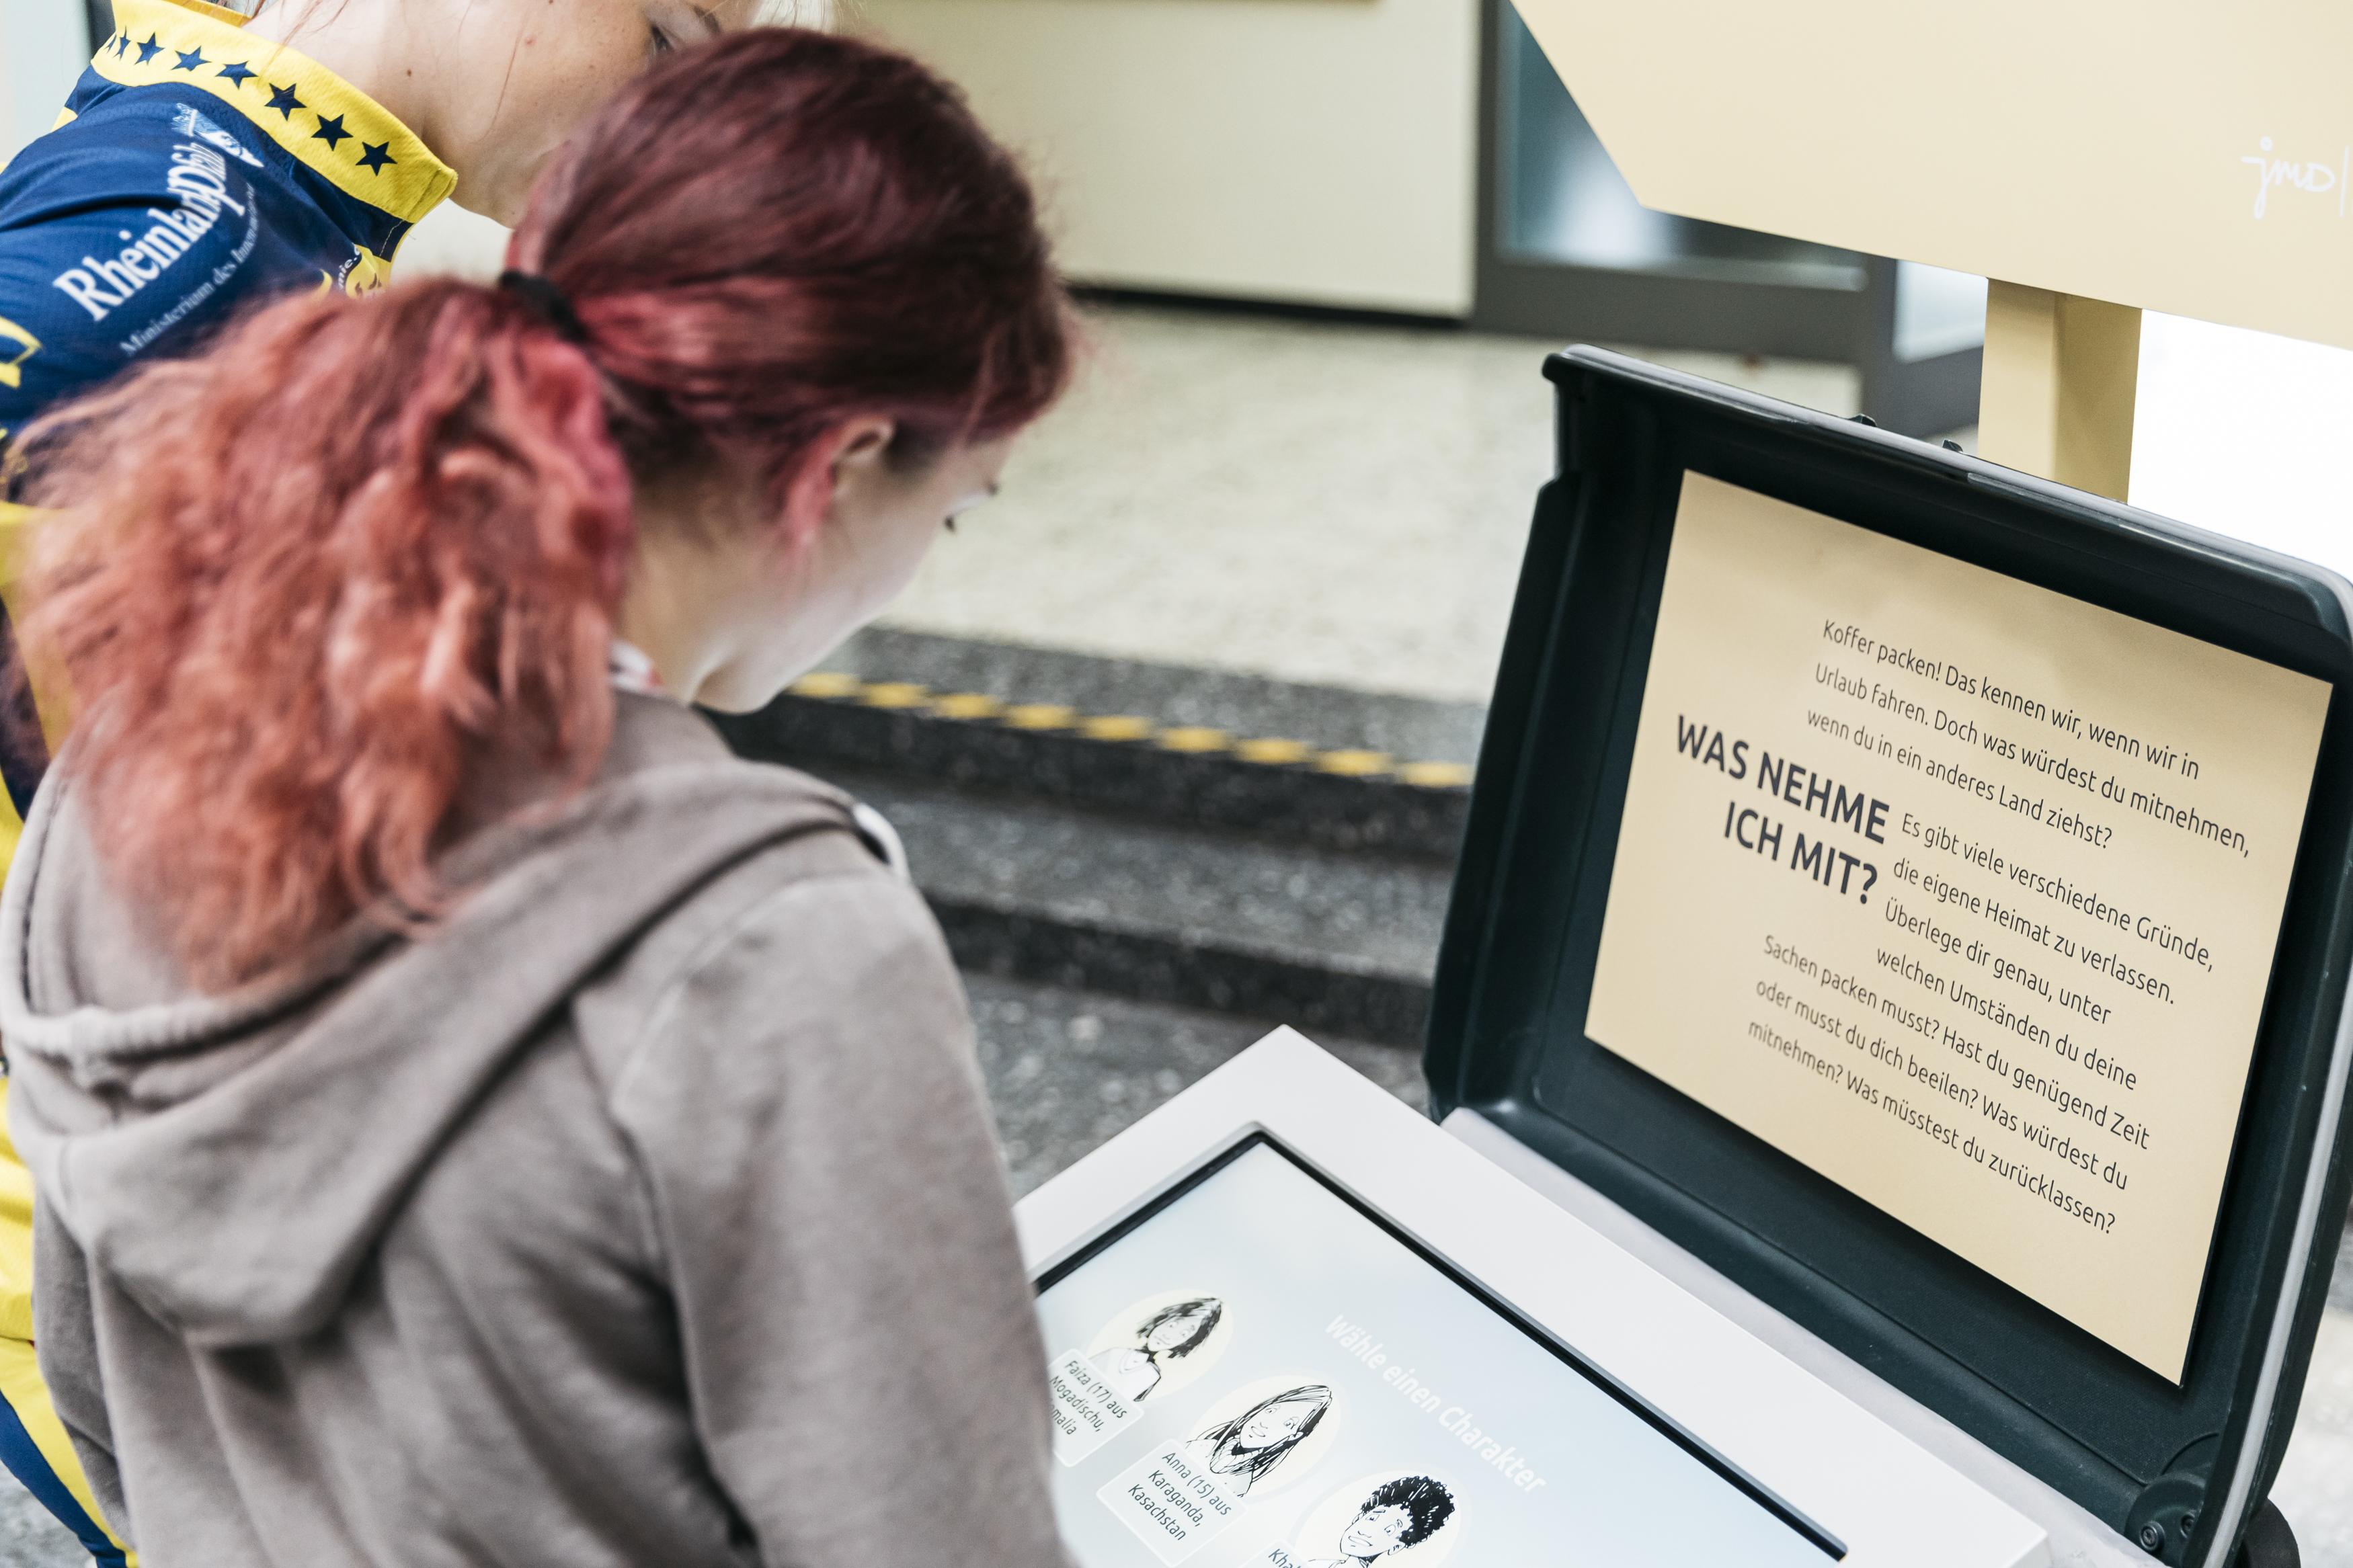 Zwei Junge Menschen stehen vor einem interaktivem Display zur Frage: Was nehme ich mit?